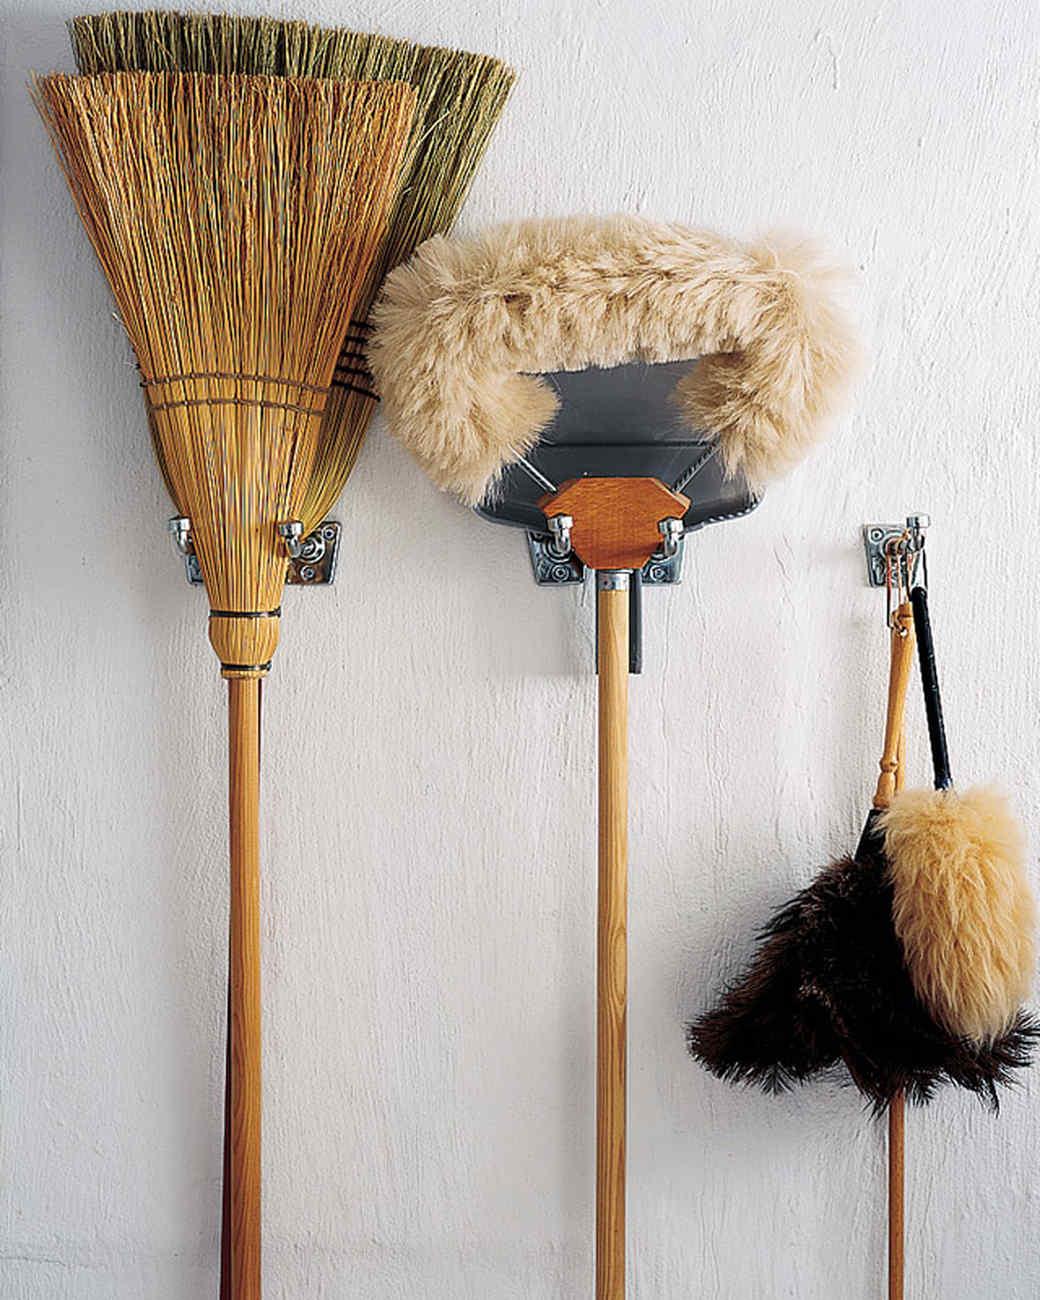 mla102284_0207_brooms.jpg